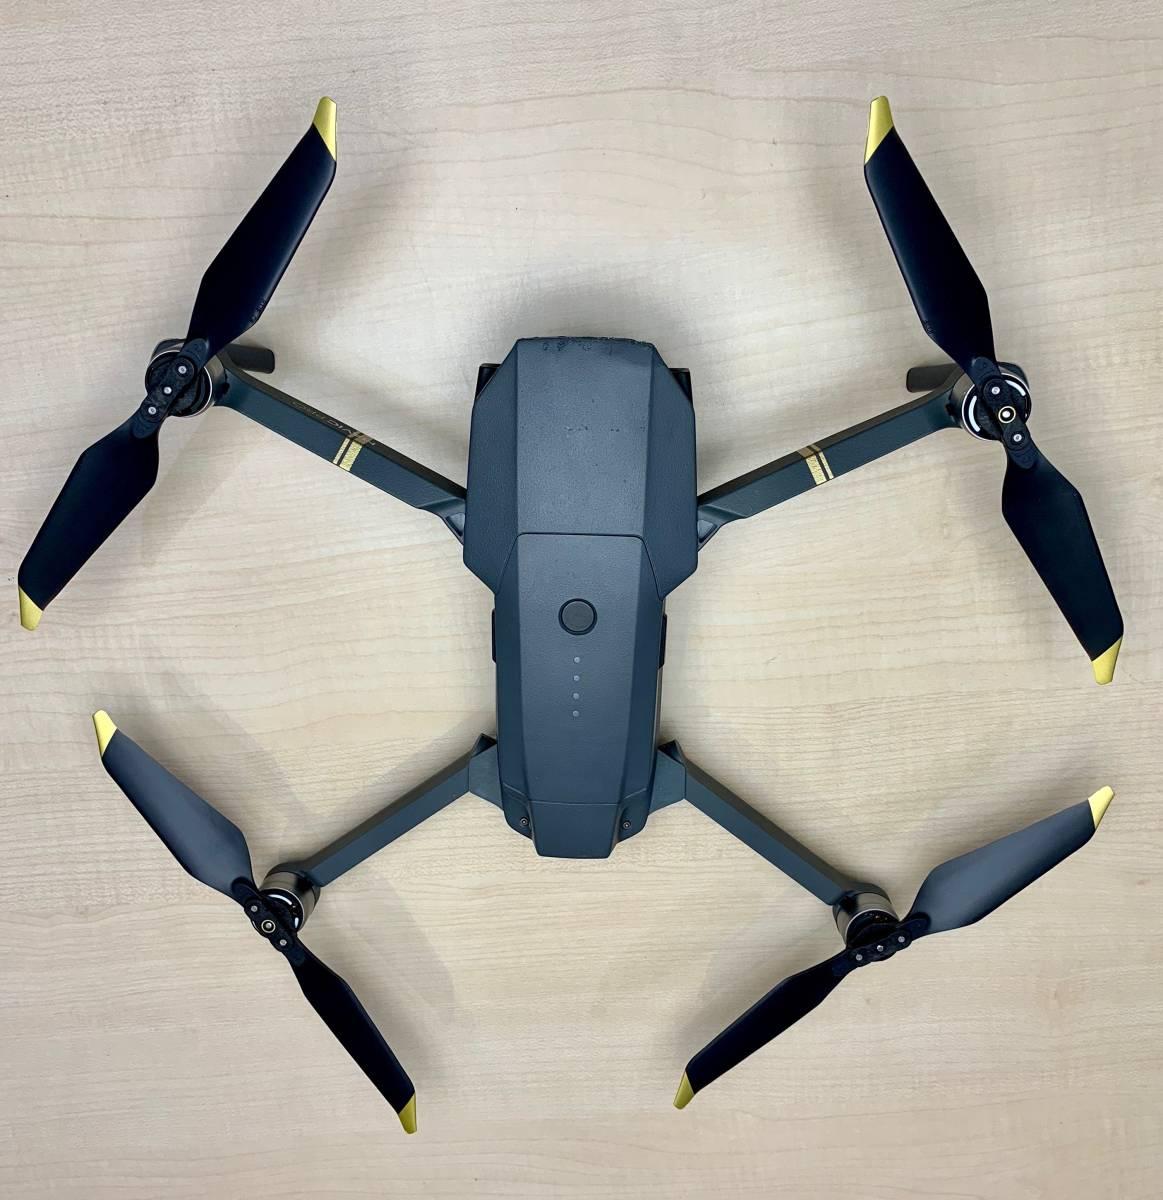 【難あり】DJI MAVIC PRO 専用ケース付き 映像撮れませんが飛行は問題なし!練習用、入門機などに!_画像2